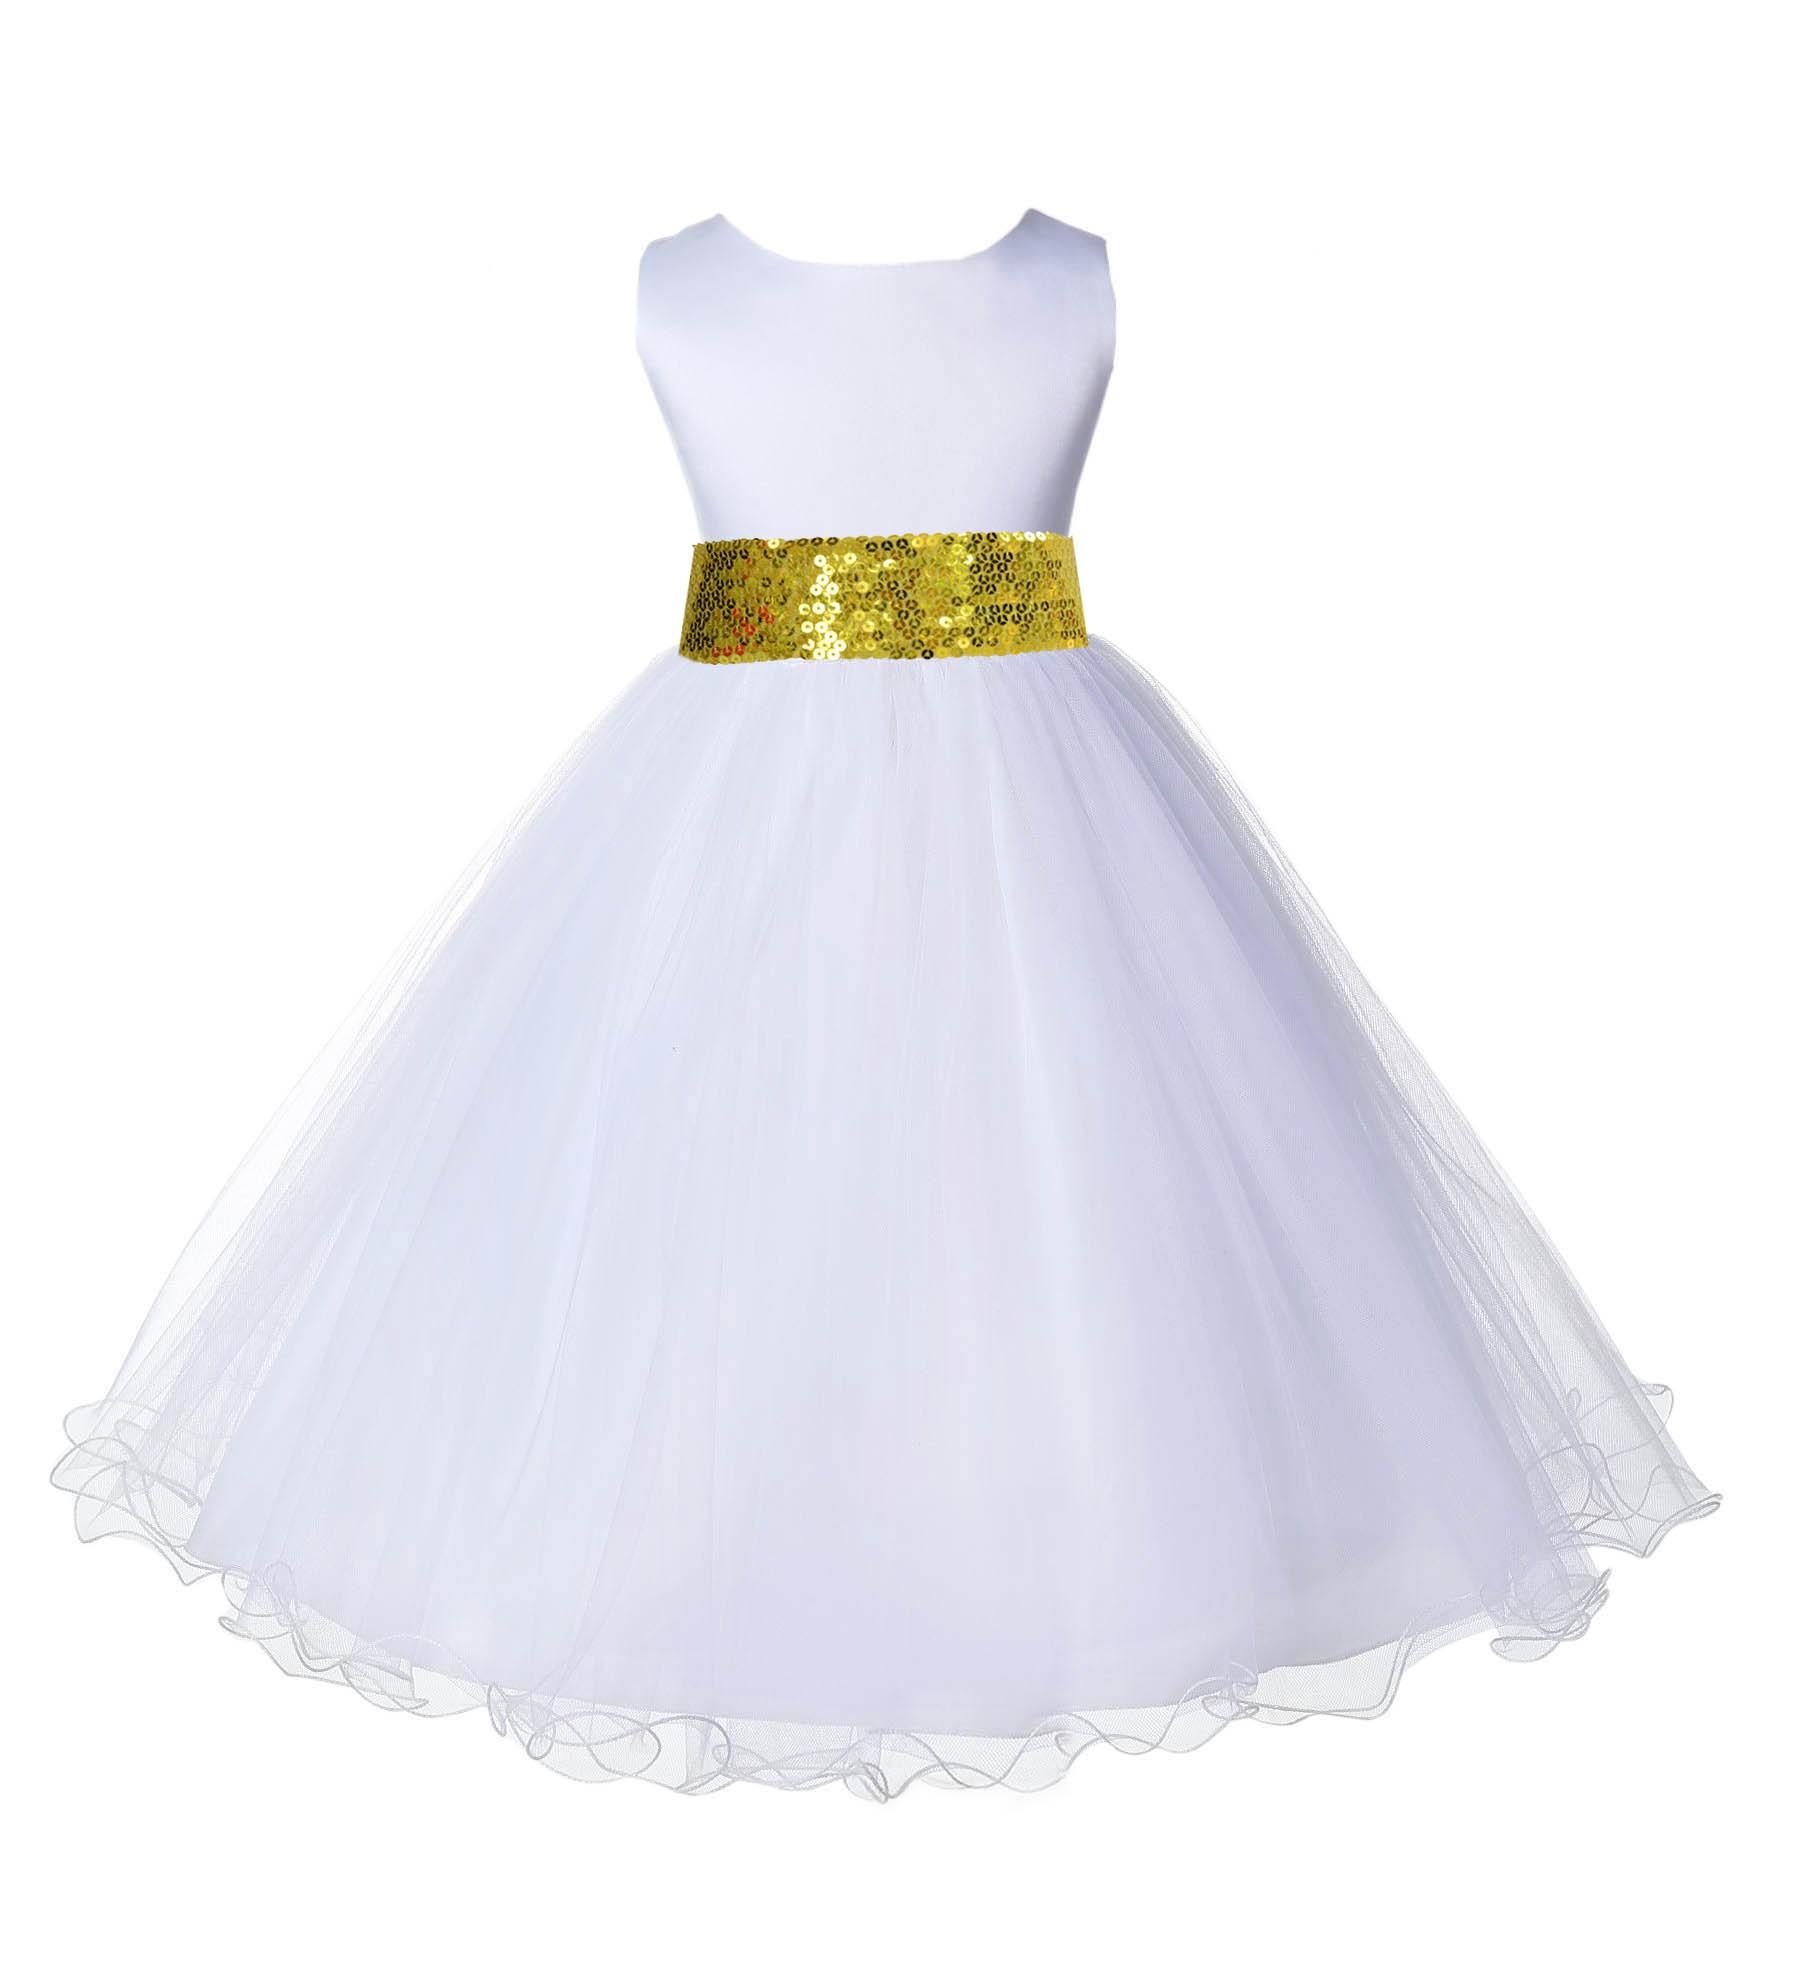 White Tulle Rattail Edge Sunbeam Sequin Sash Flower Girl Dress 829mh